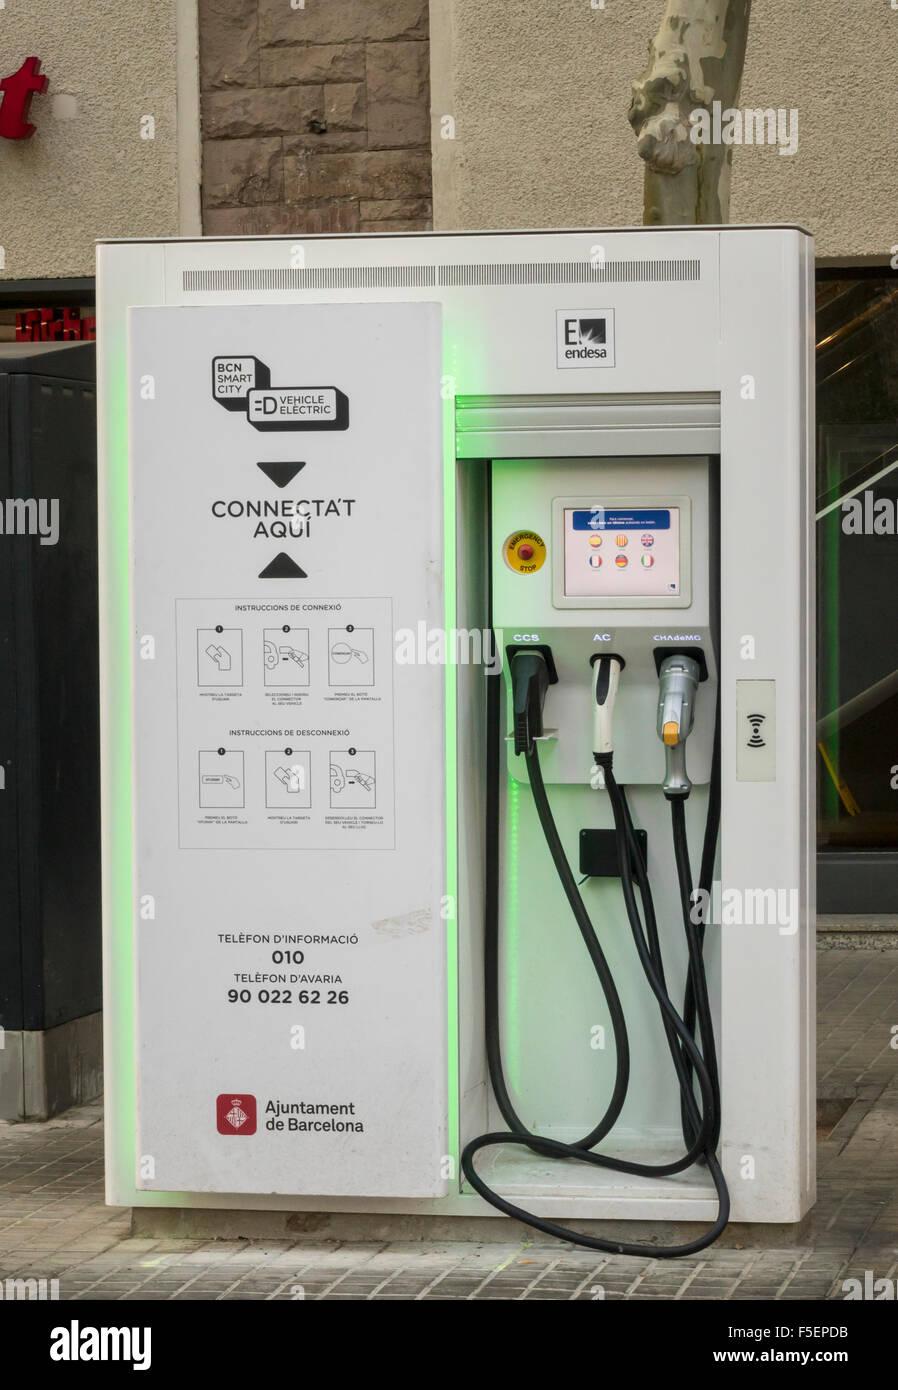 Veicolo elettrico punto di carica stazione di Barcellona, Spagna Immagini Stock